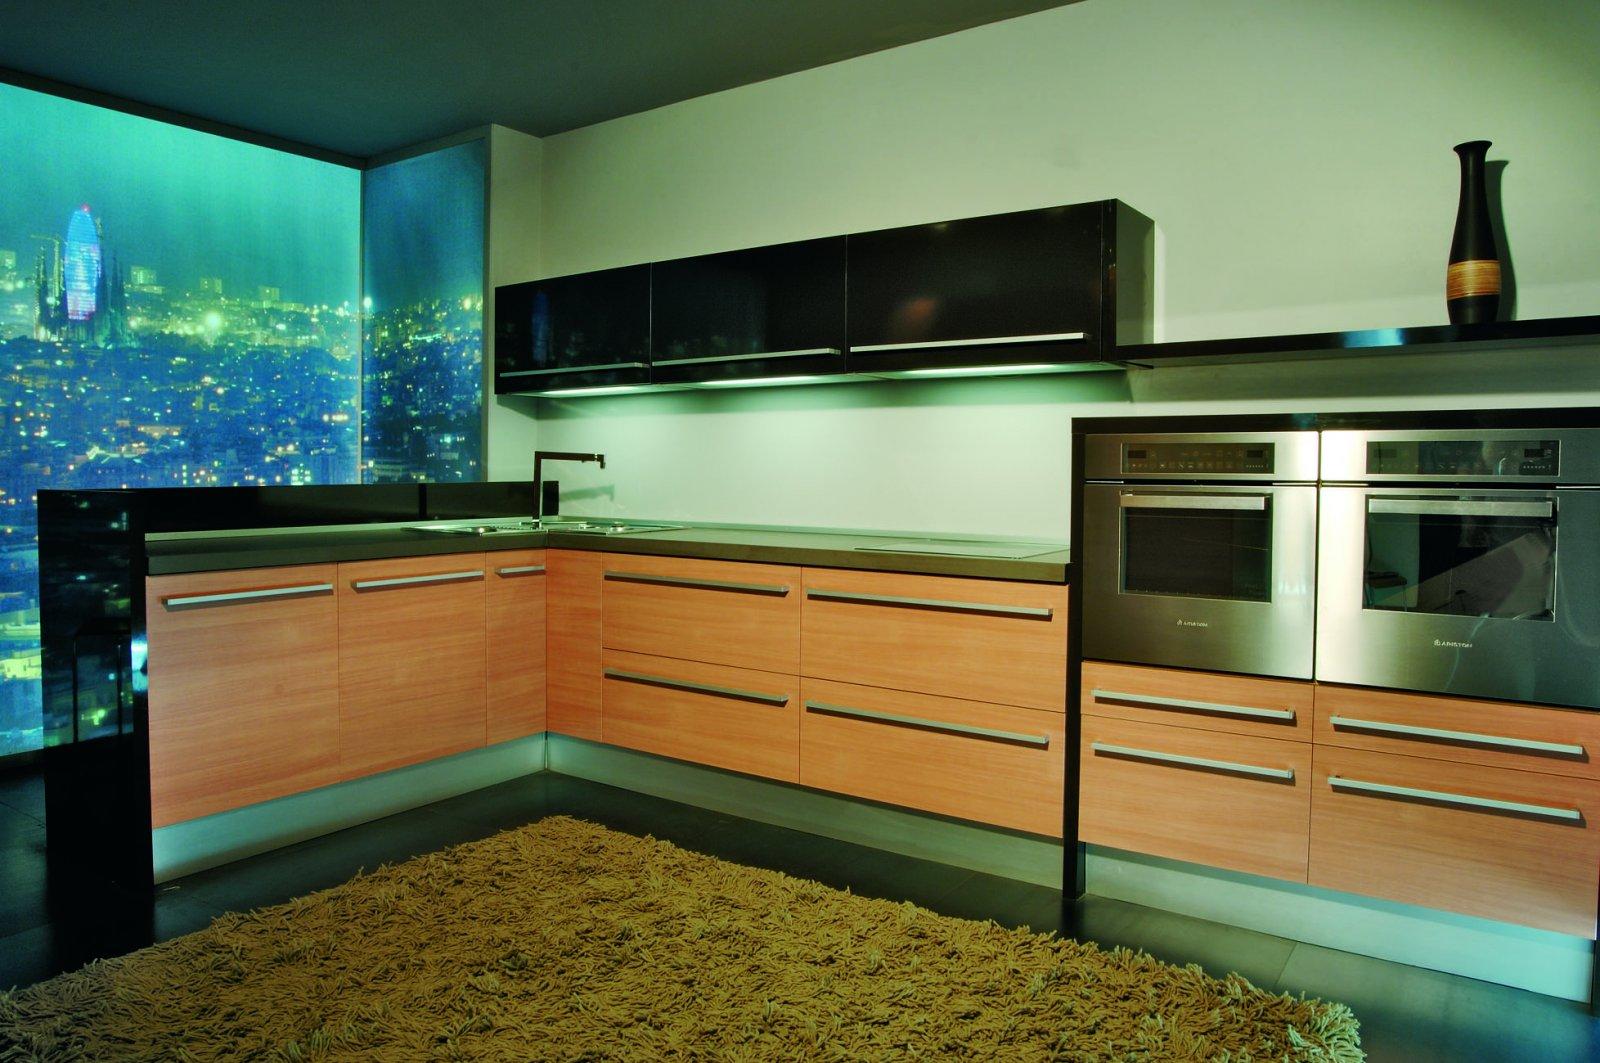 Muebles a medida online top image de armarios a medida for Tu cocina online